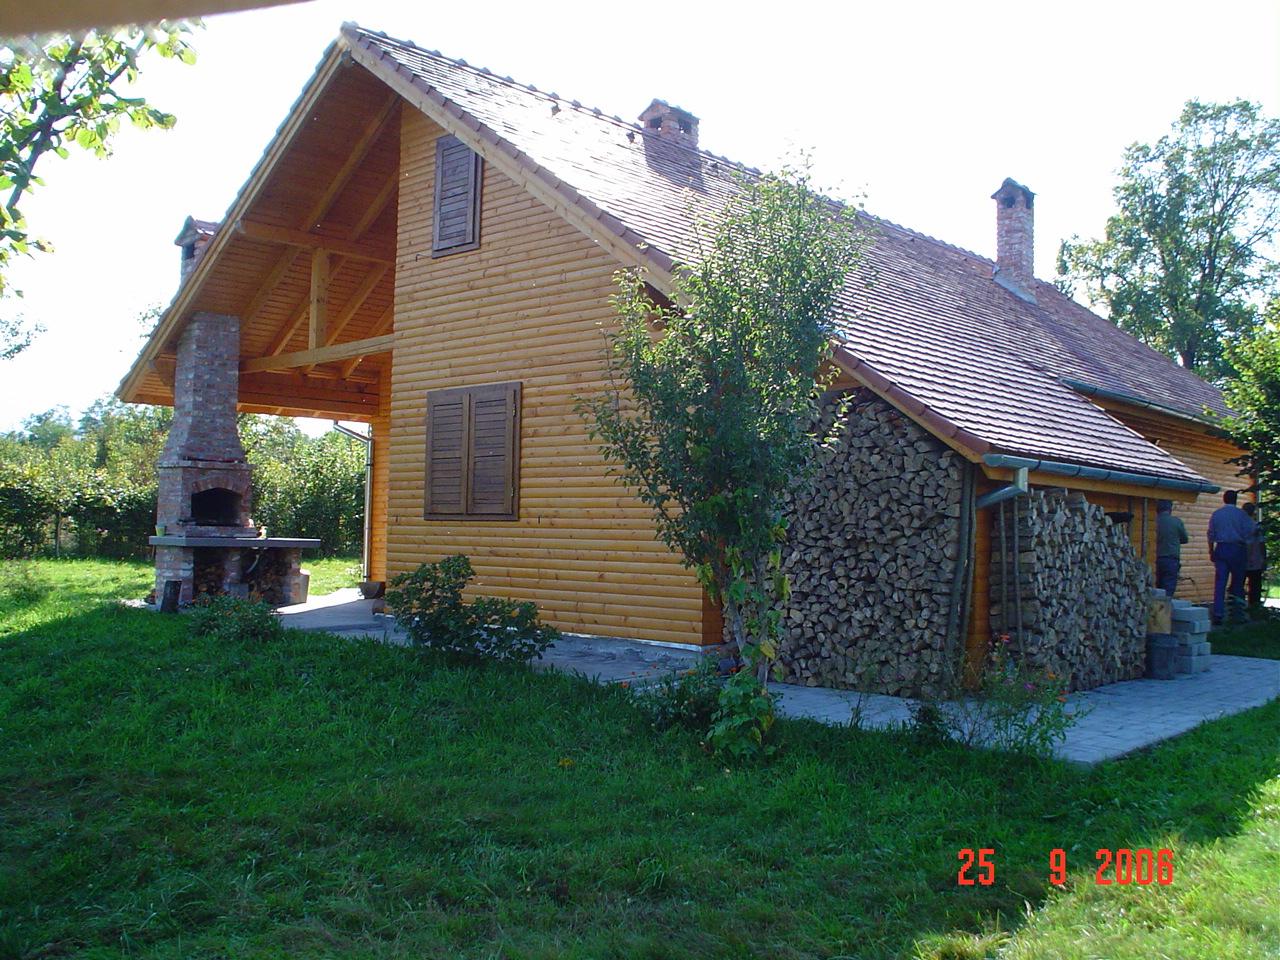 Maison bois poteaux poutres epic a picea abies bois for Maison poteaux poutres